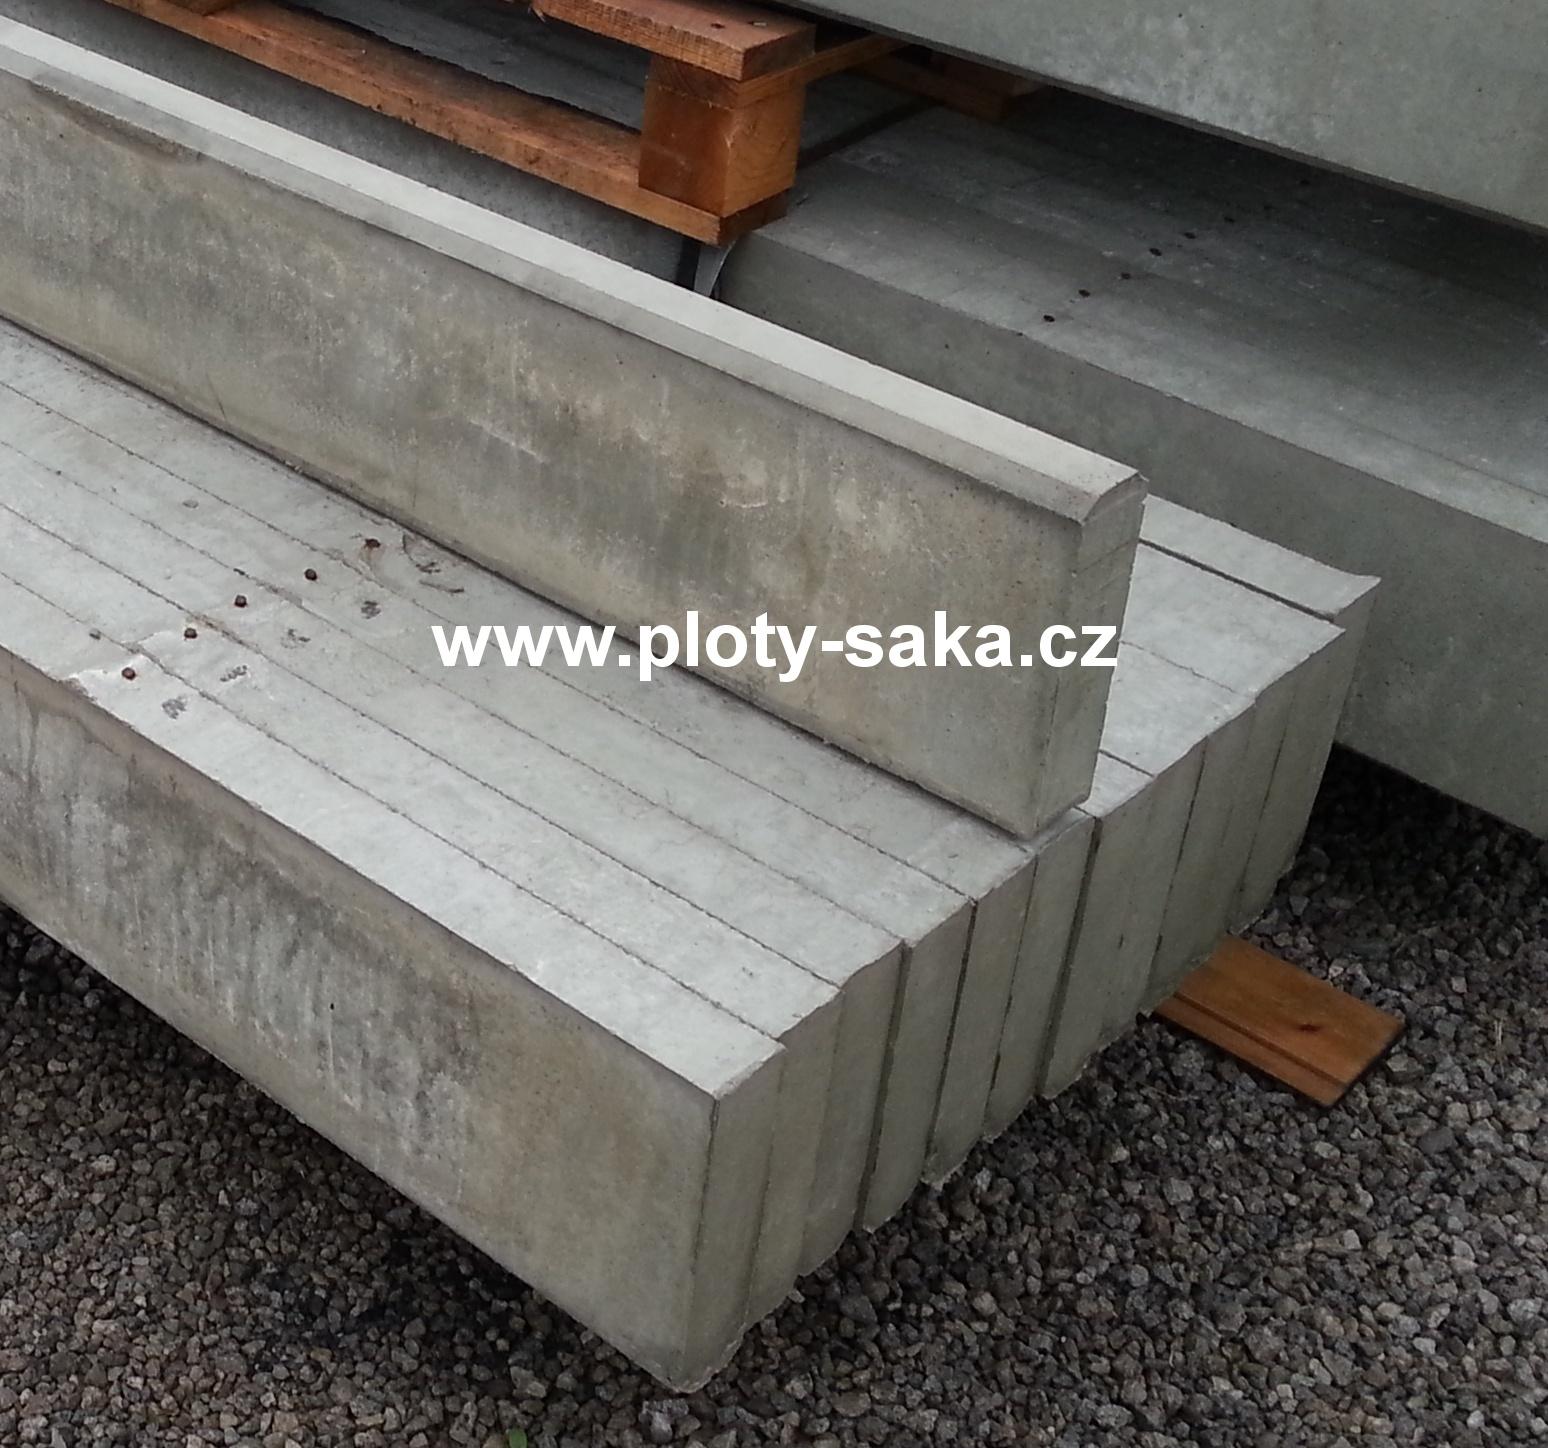 Podhrabová deska - 3000x200x50 mm